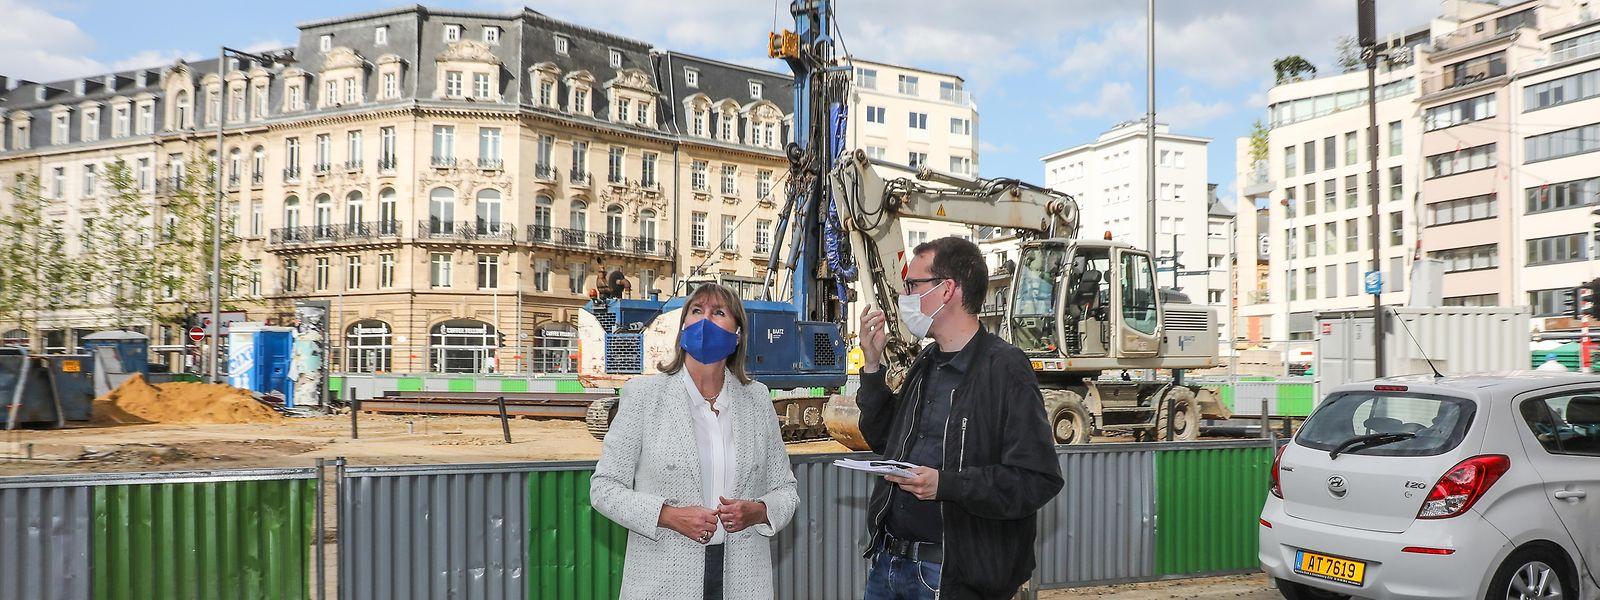 An der Place de Paris laufen die Arbeiten an der Tramtrasse auf Hochtouren, vor allem für die Anwohner ist das nicht immer einfach.